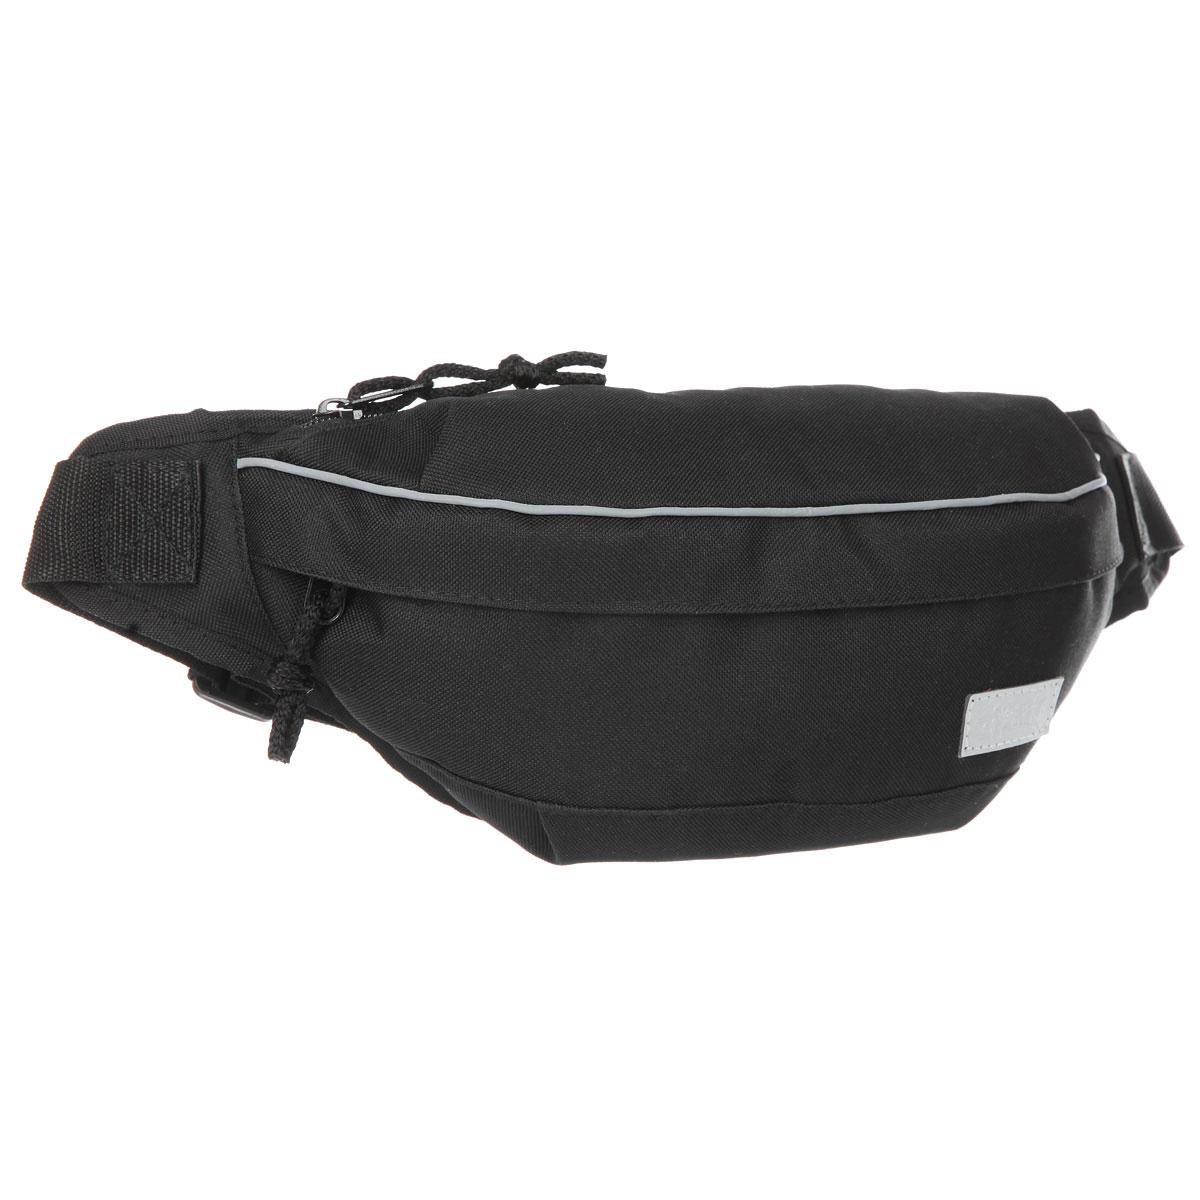 f92a68f4b8d6 Купить сумку поясная Anteater Minibag Reflective Black в интернет-магазине  Proskater.by